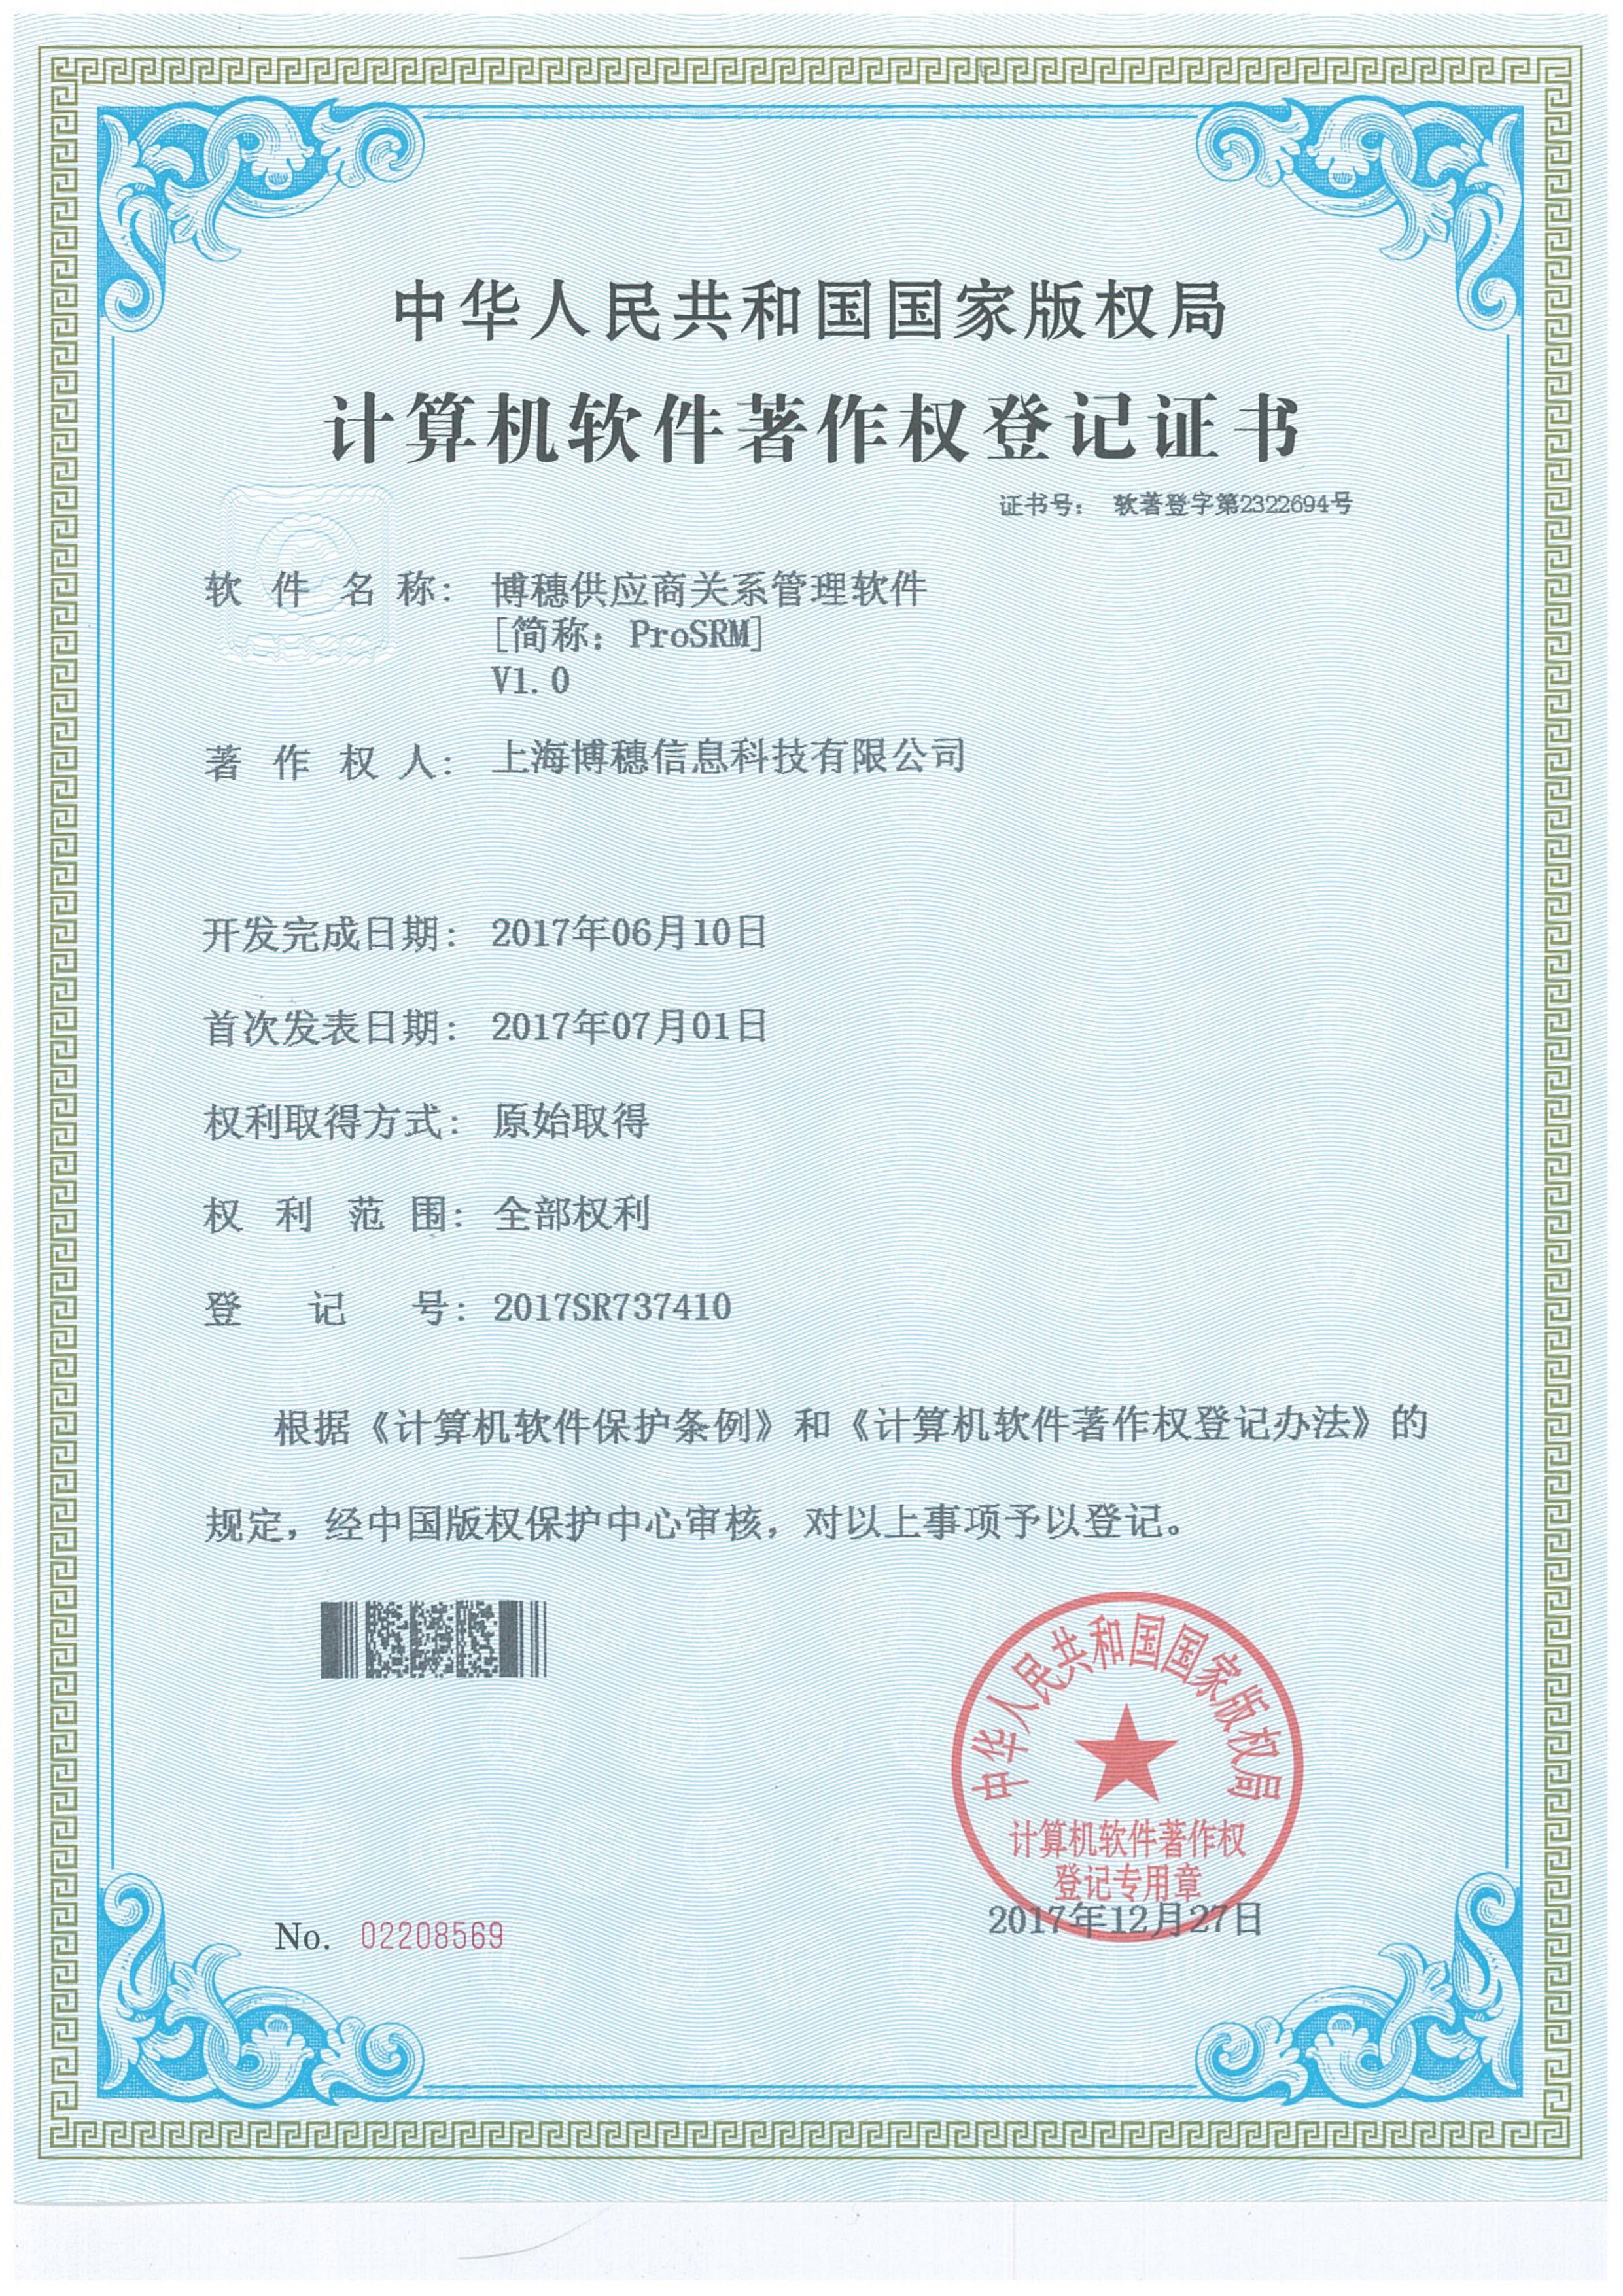 博穗供應商關系管理軟件-ProSRM